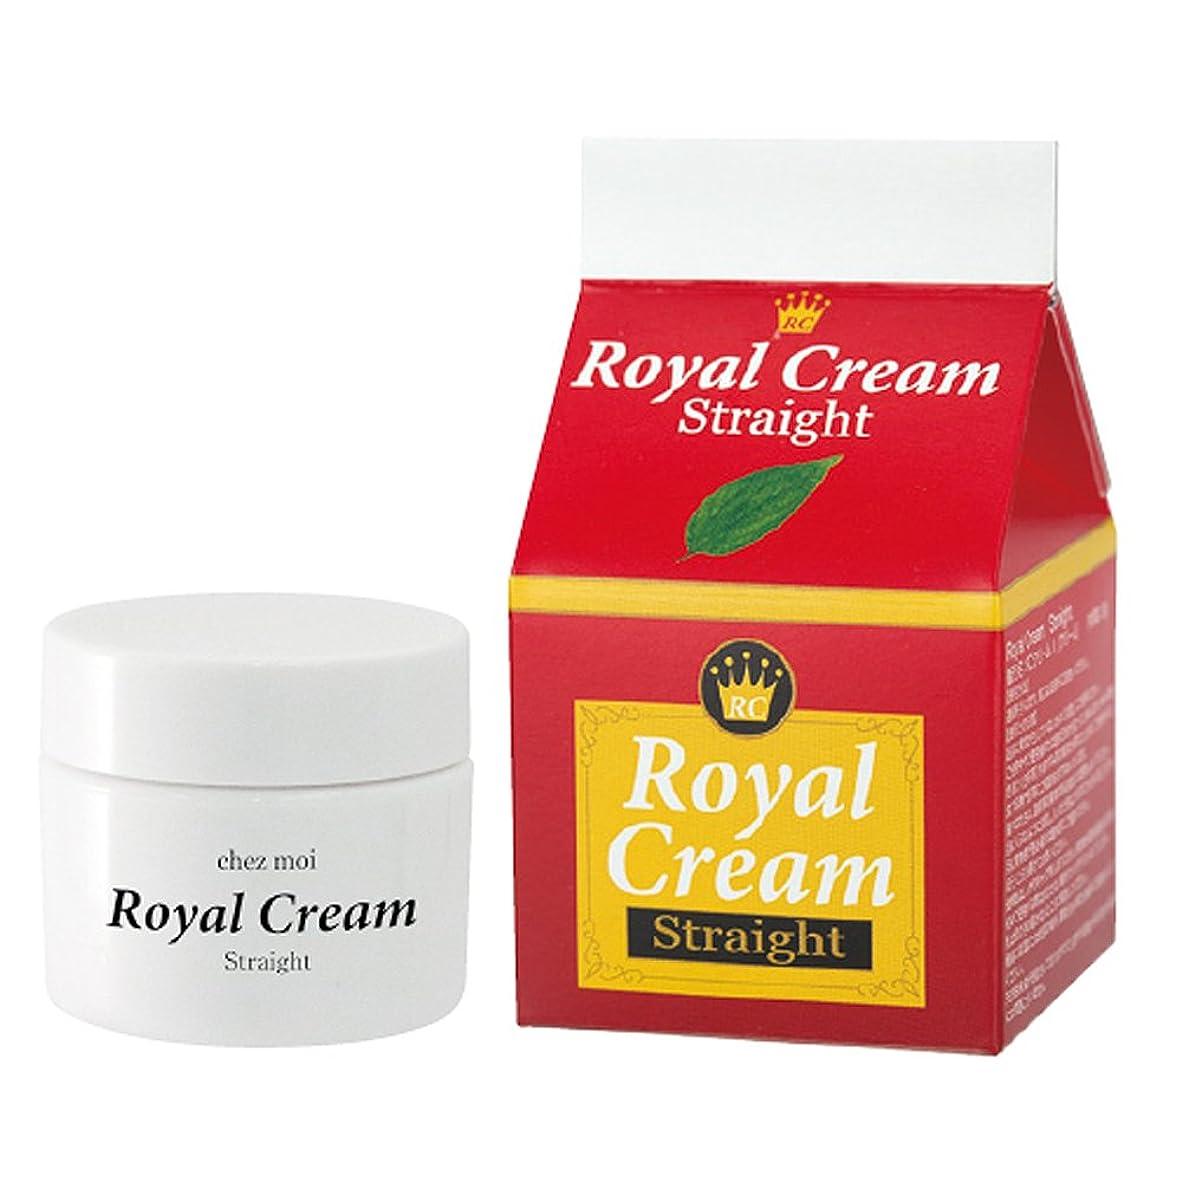 赤字スリット中世のシェモア Royal Cream Straight(ロイヤルクリームストレート) 30g